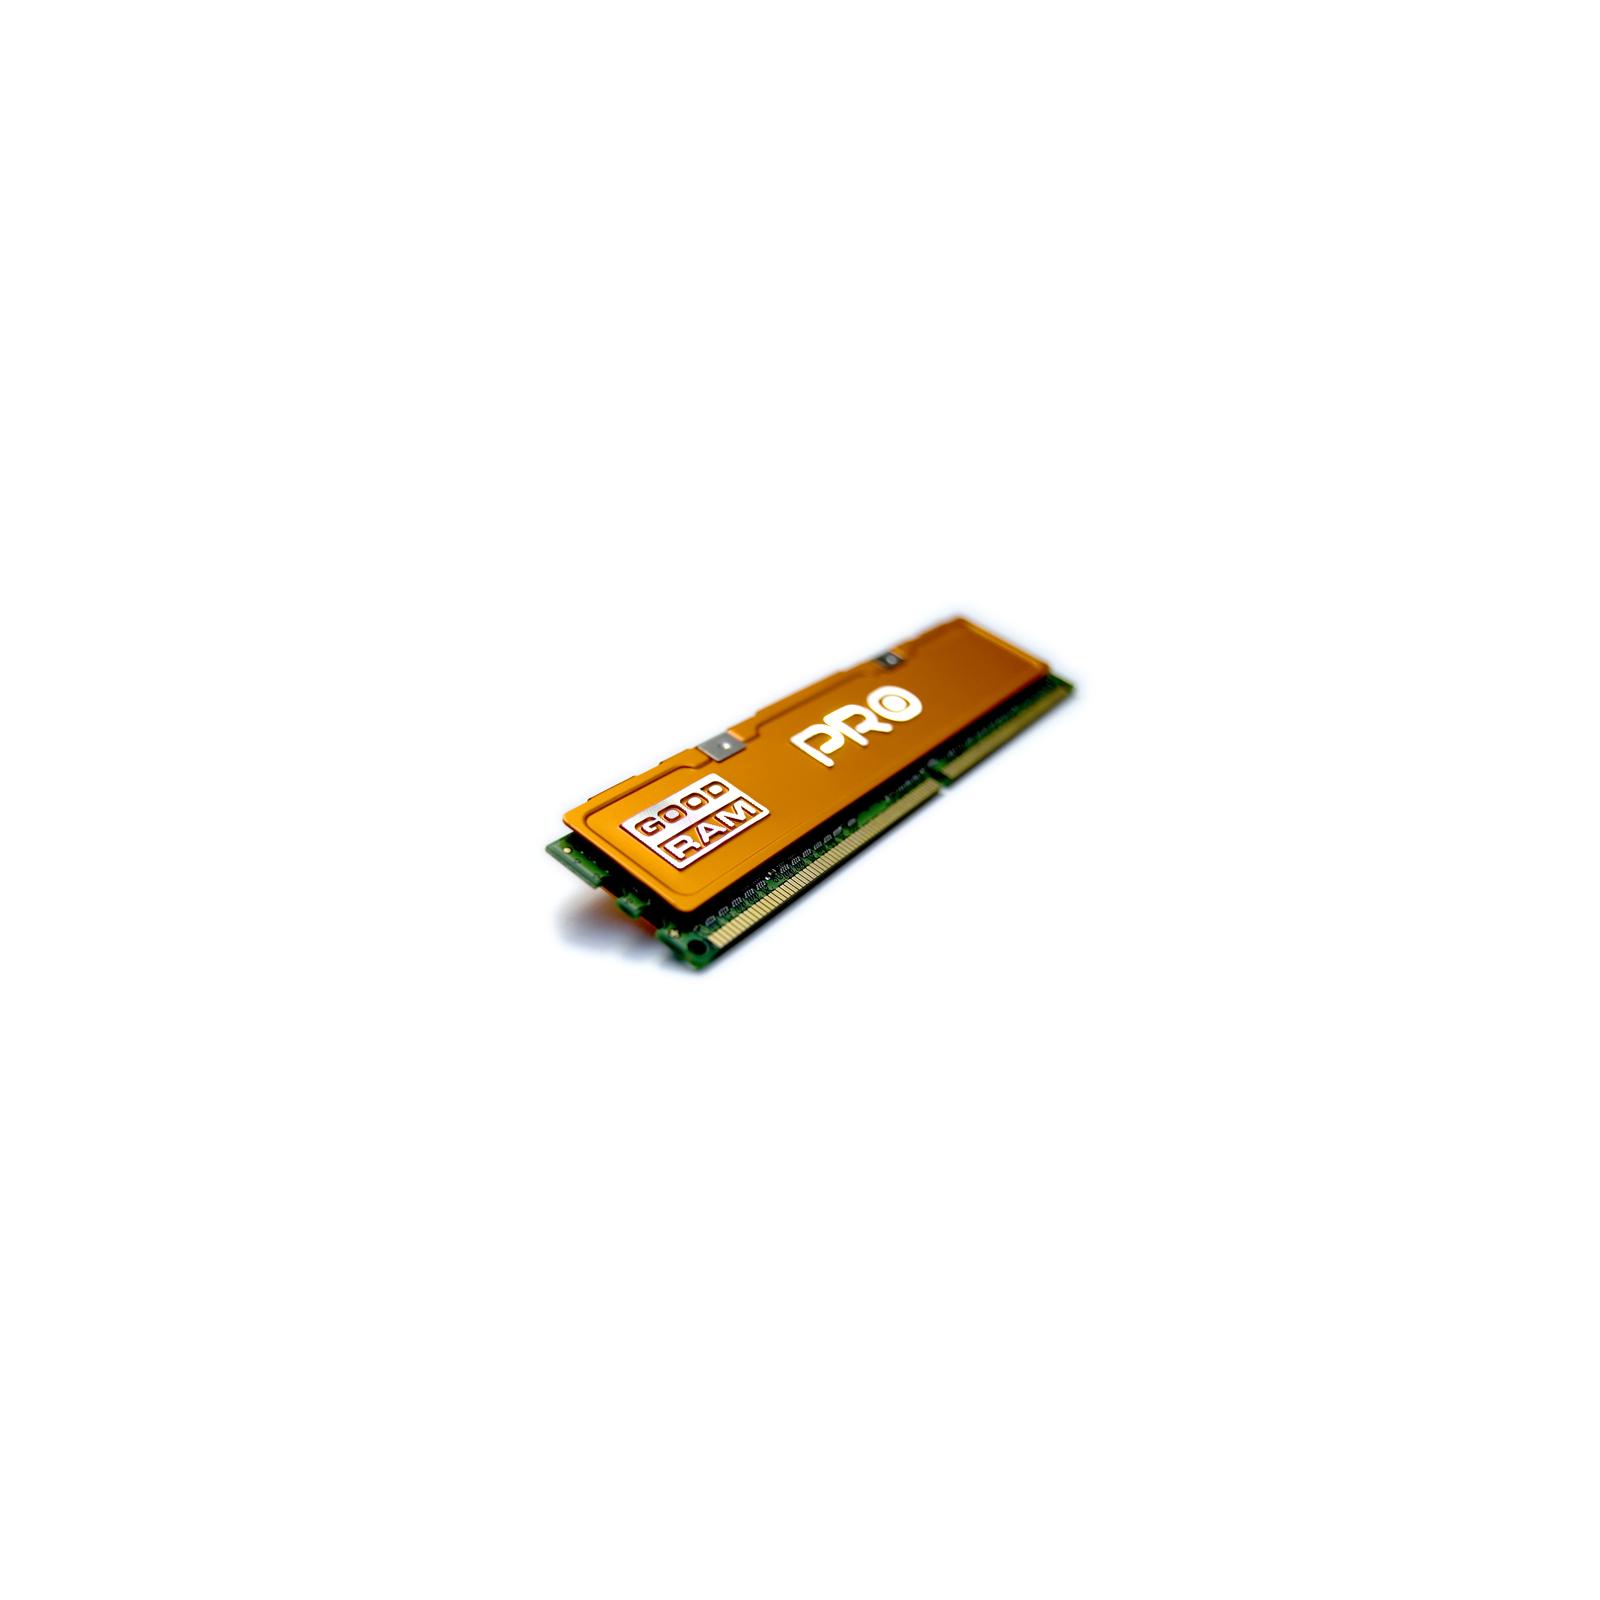 Модуль памяти для компьютера DDR3 4Gb 2400 MHz PRO GOODRAM (GP2400D364L11S/4G) изображение 2